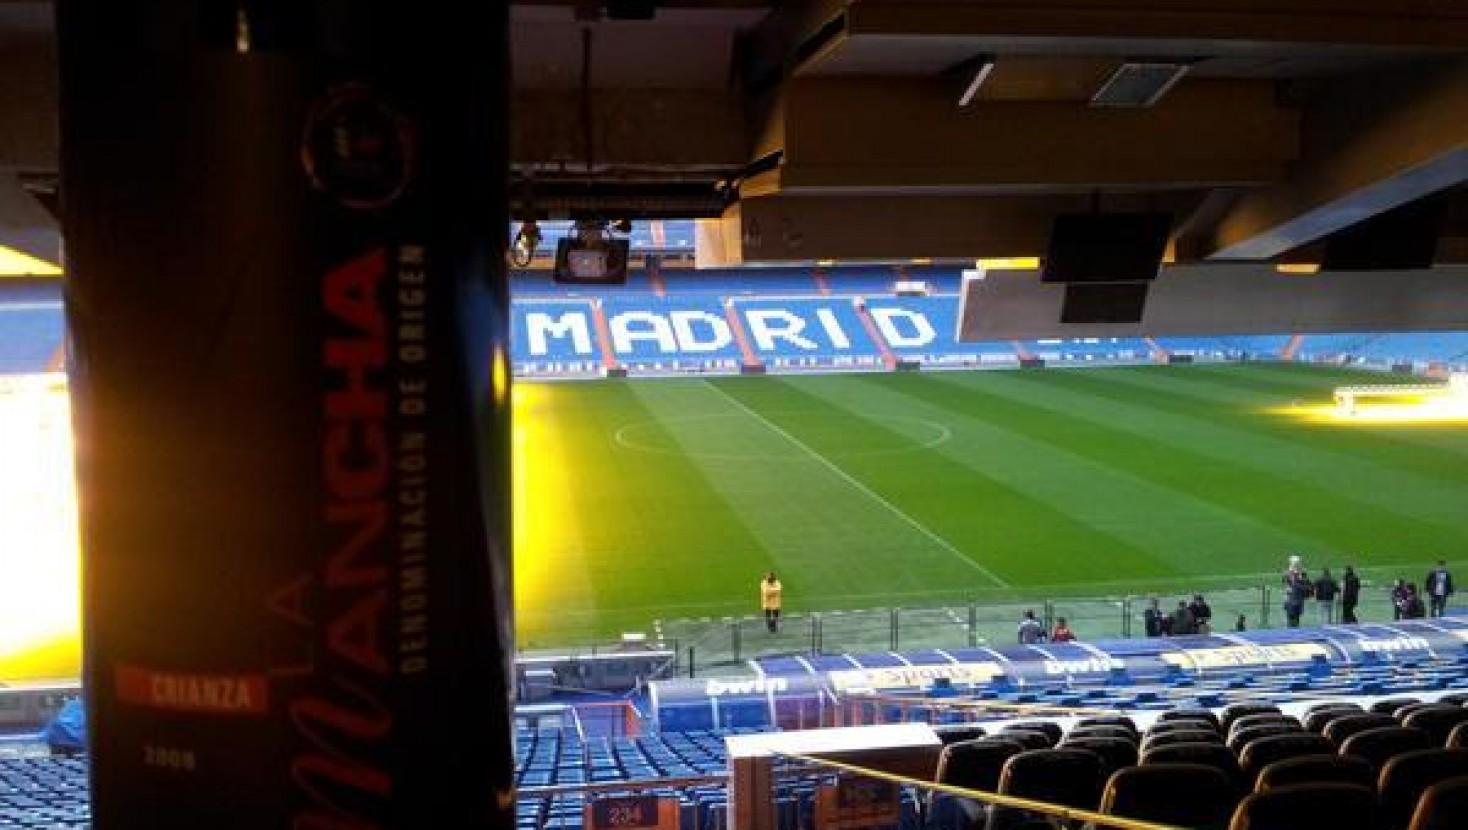 La cantera de los vinos DO La Mancha, triunfan en el Bernabéu